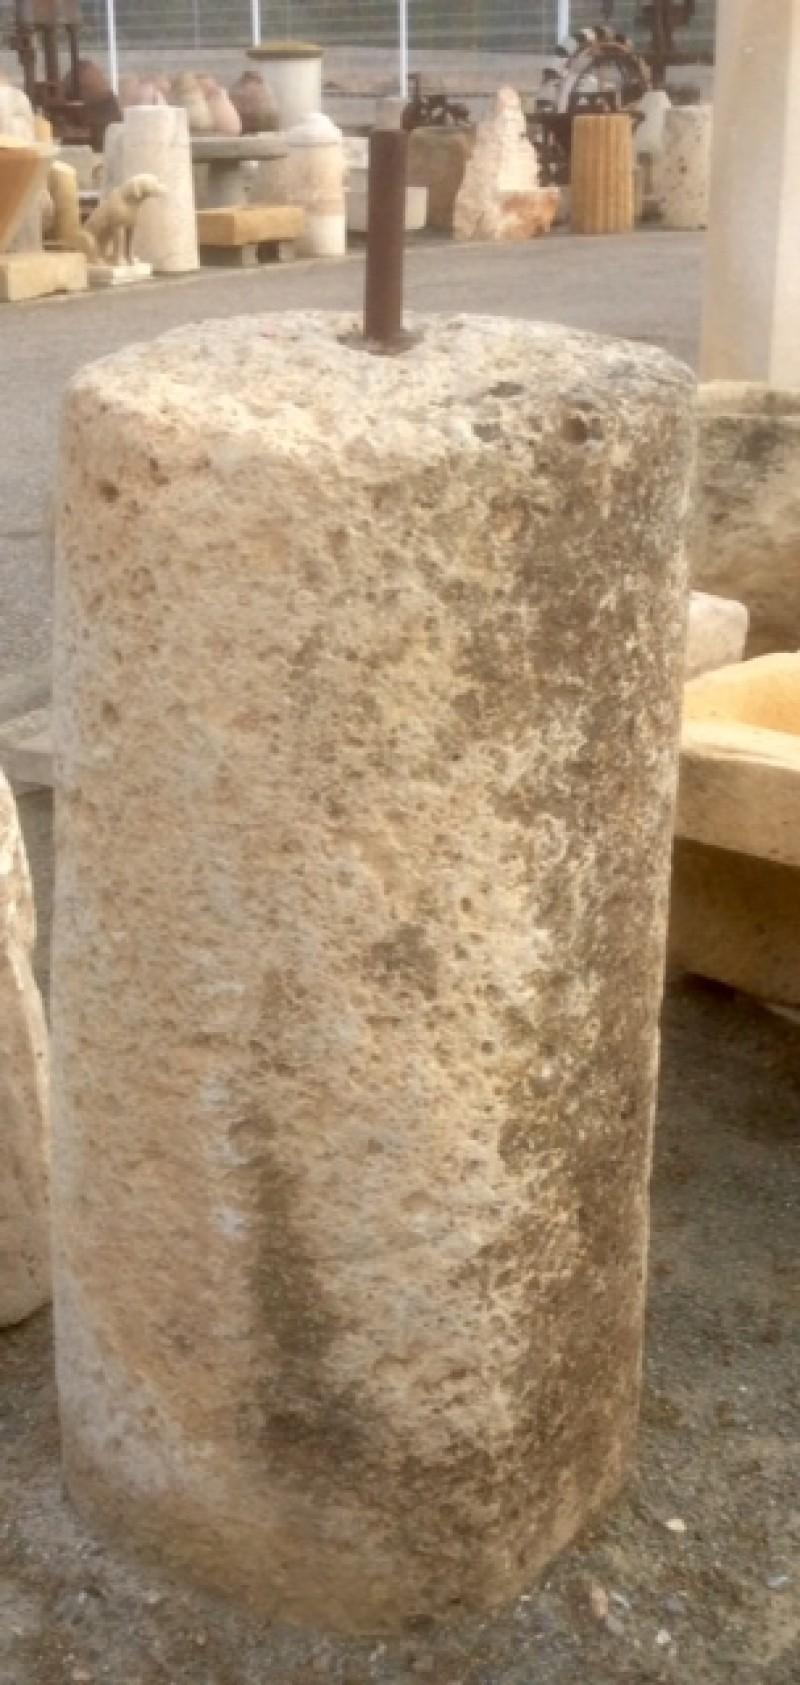 Rulo de piedra viva. Mide 58 cm de diámetro x 1.07 cm de alto.